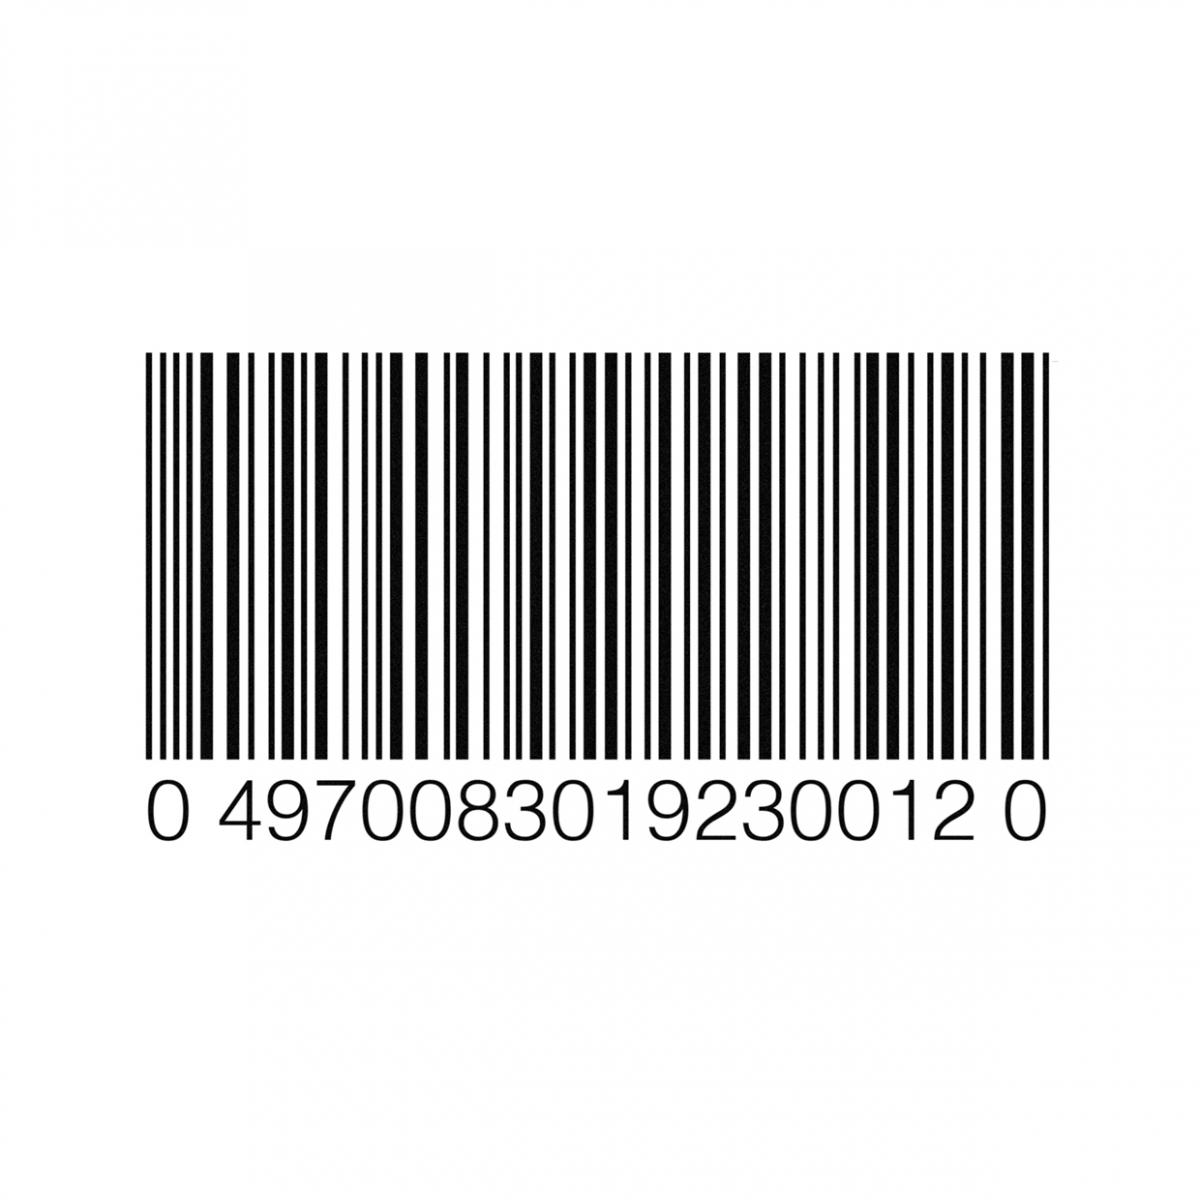 Imagen en la que se ve un código de barras